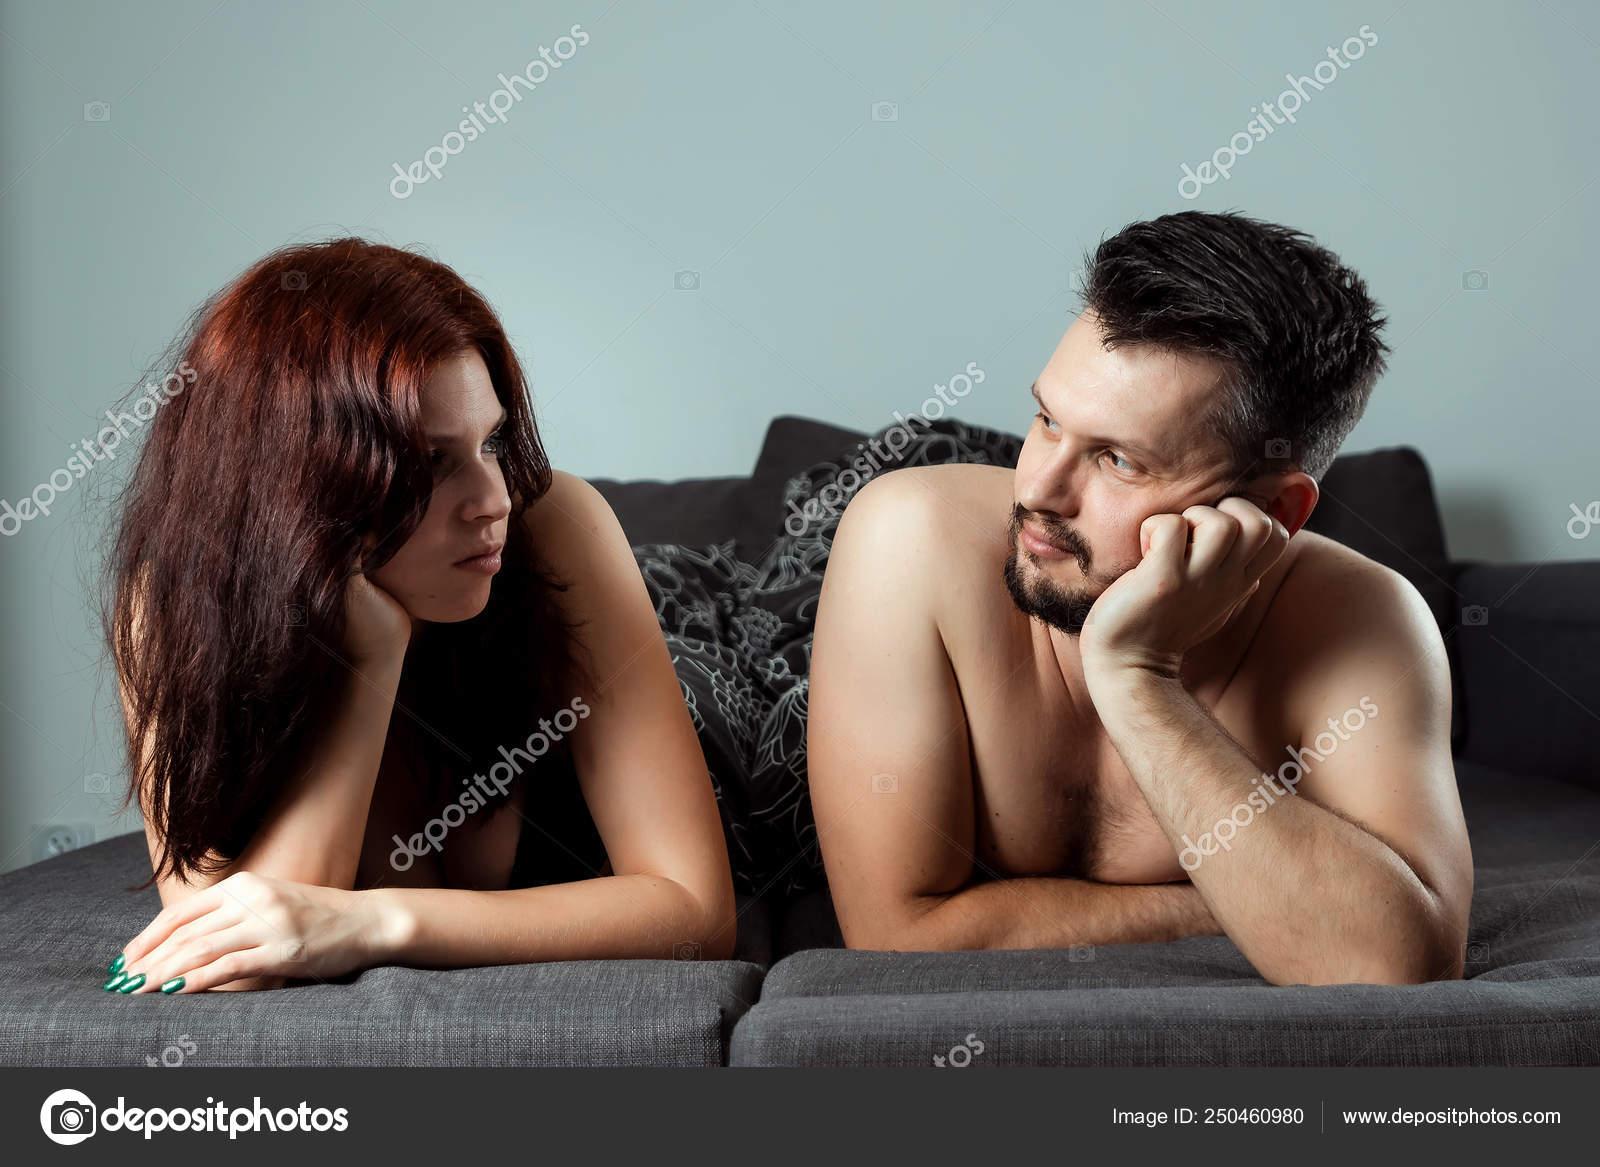 La storia di Giuliano, 27 anni: dopo aver chattato con molte donne (ed aver ricevuto proposte hot da una) ha trovato la fidanzata grazie ad un.